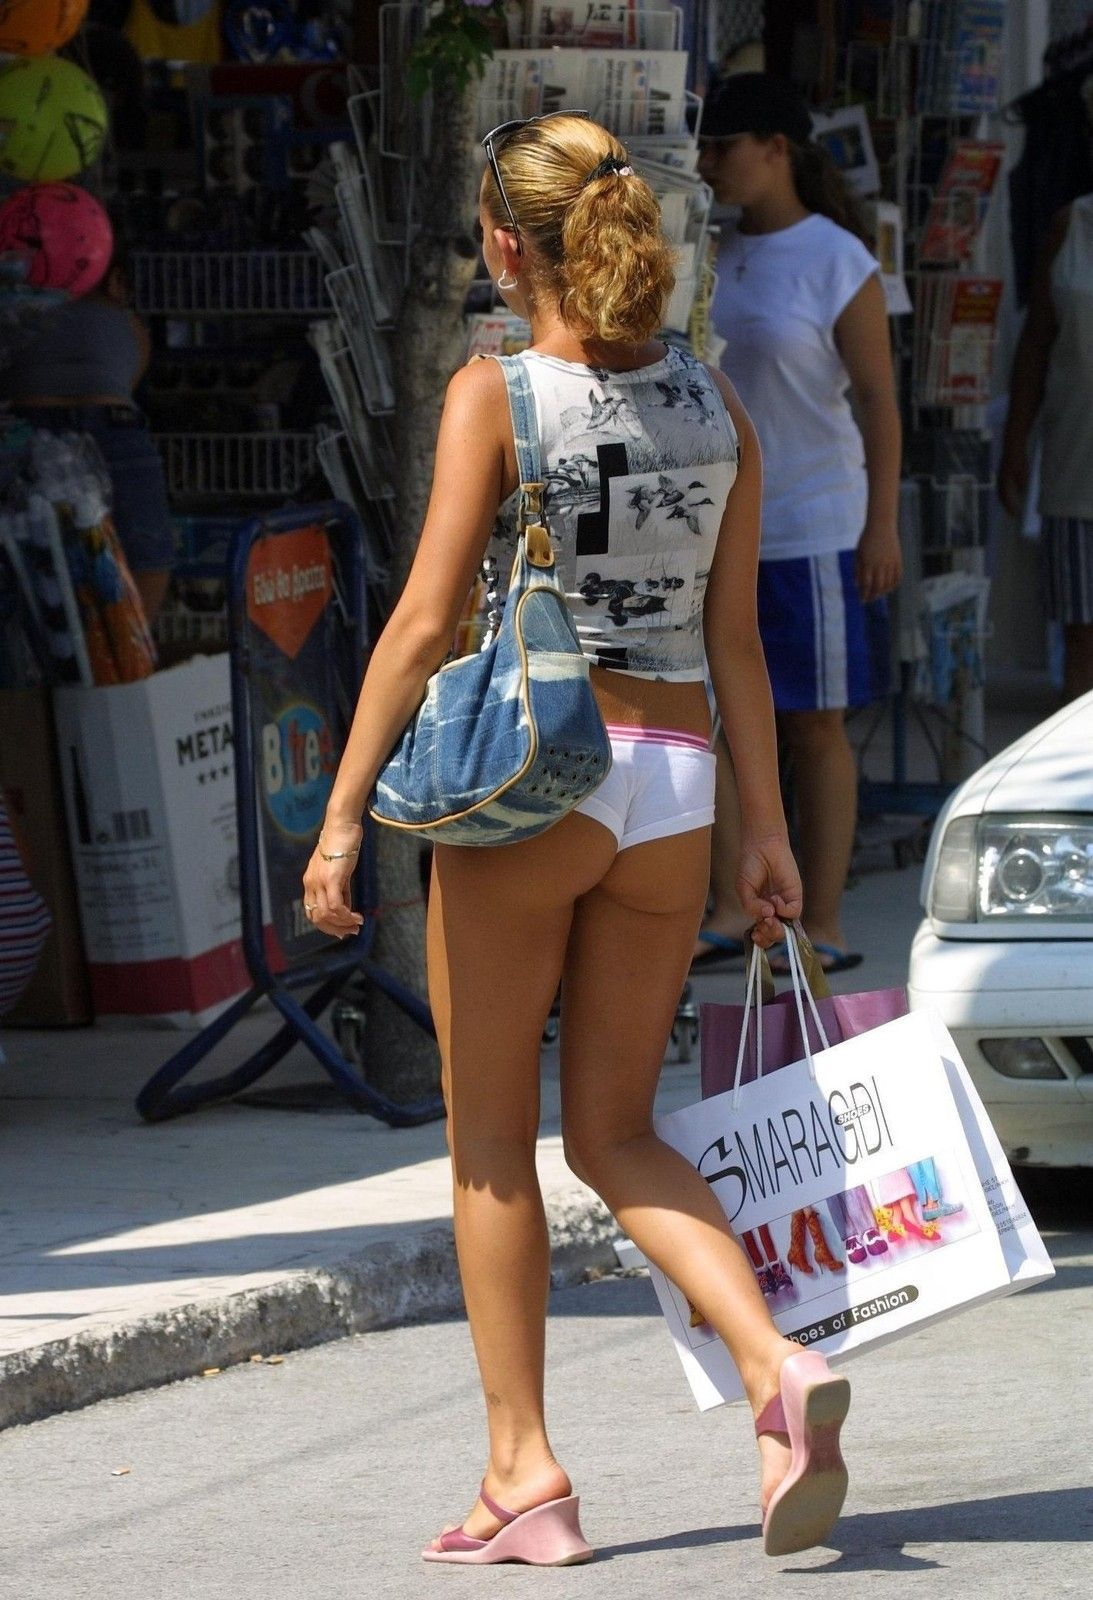 в микро шортах на улице фото вас интересует